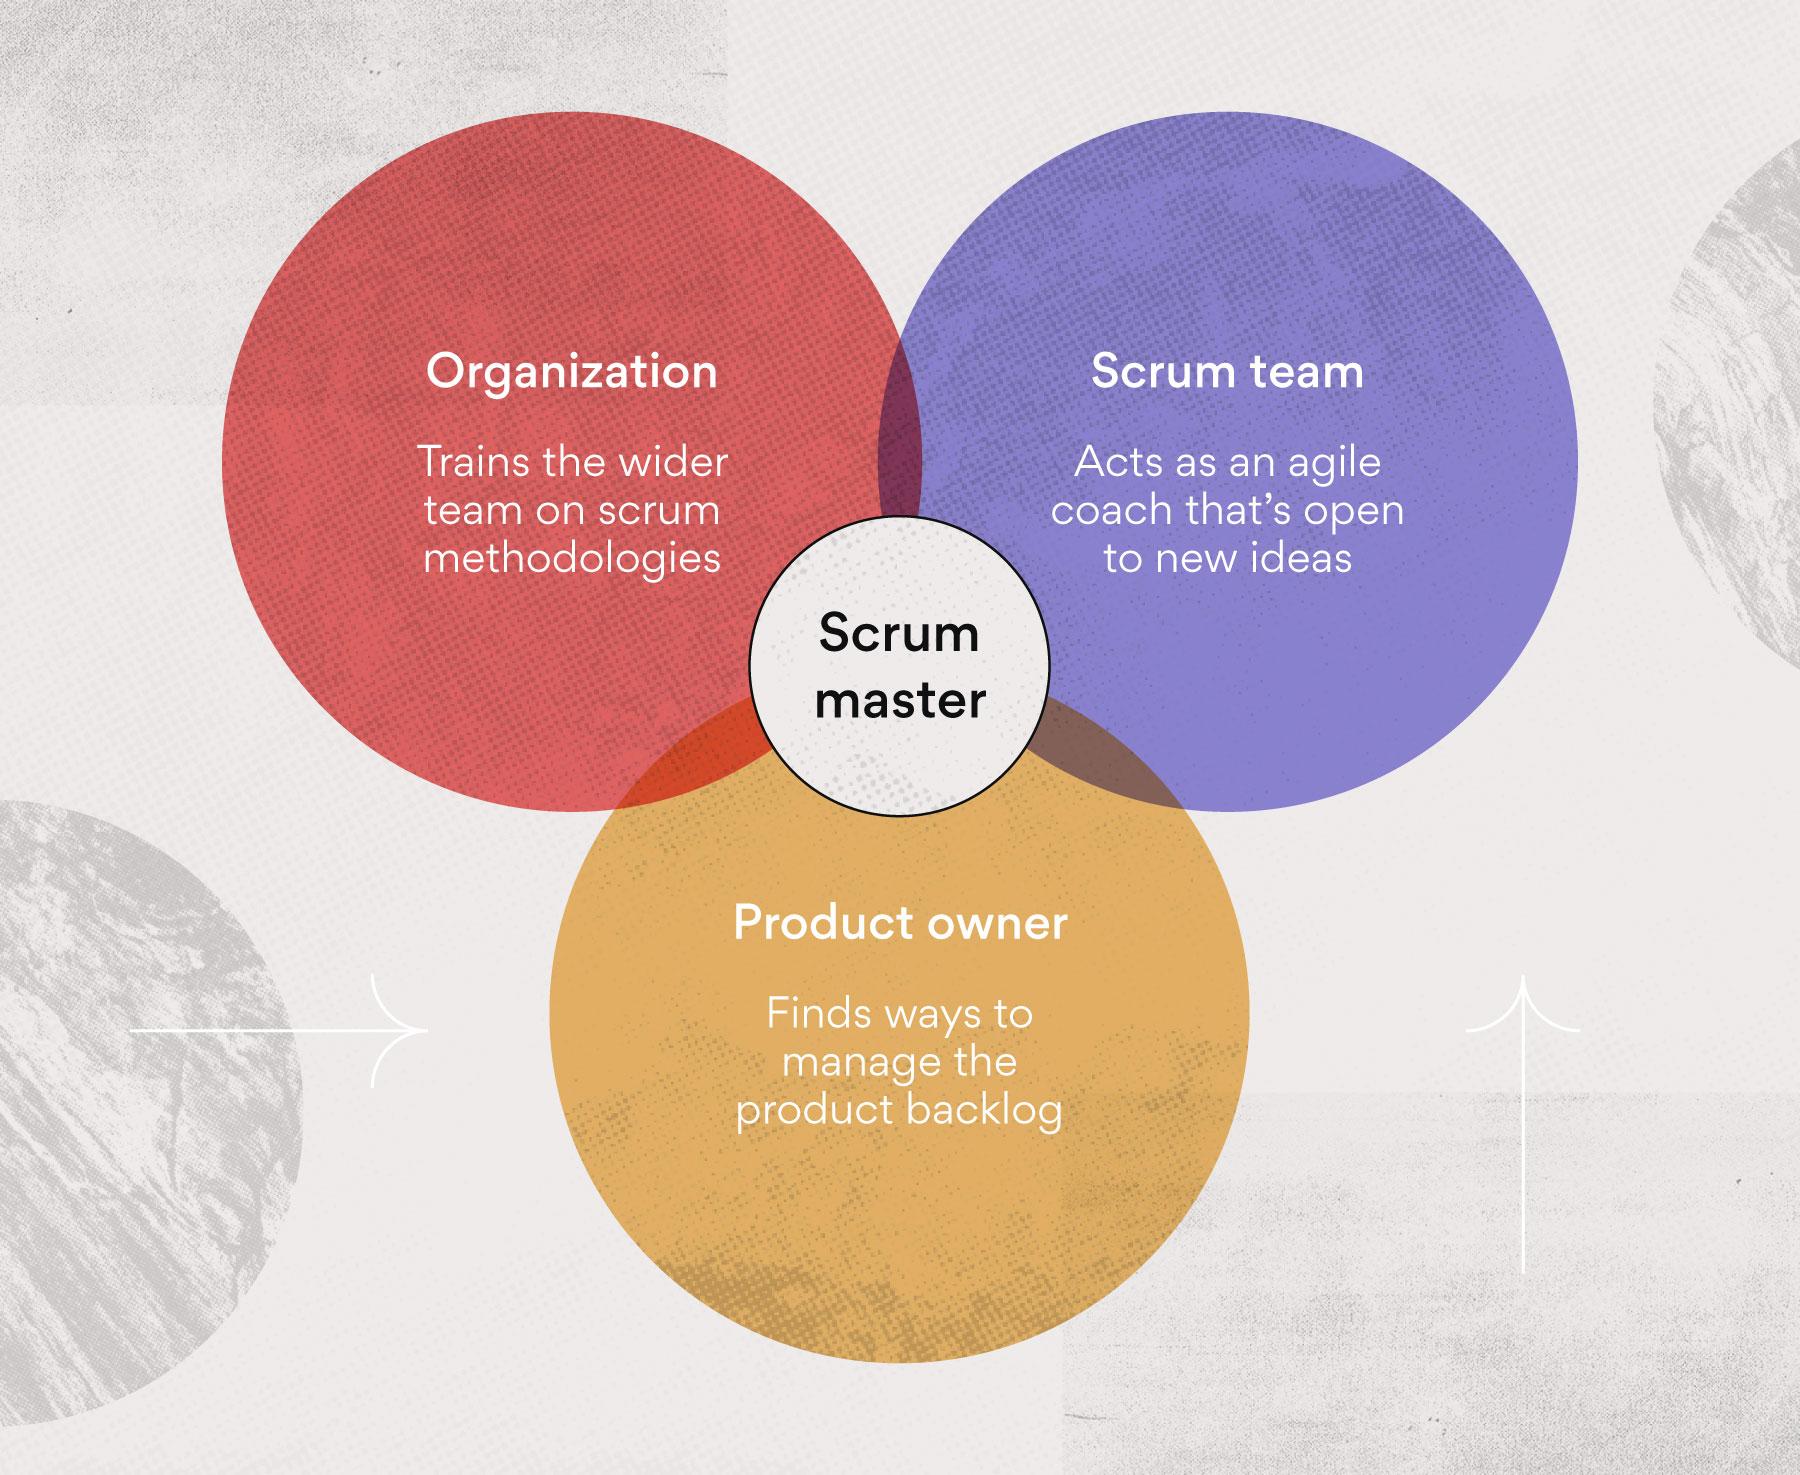 Scrum master roles